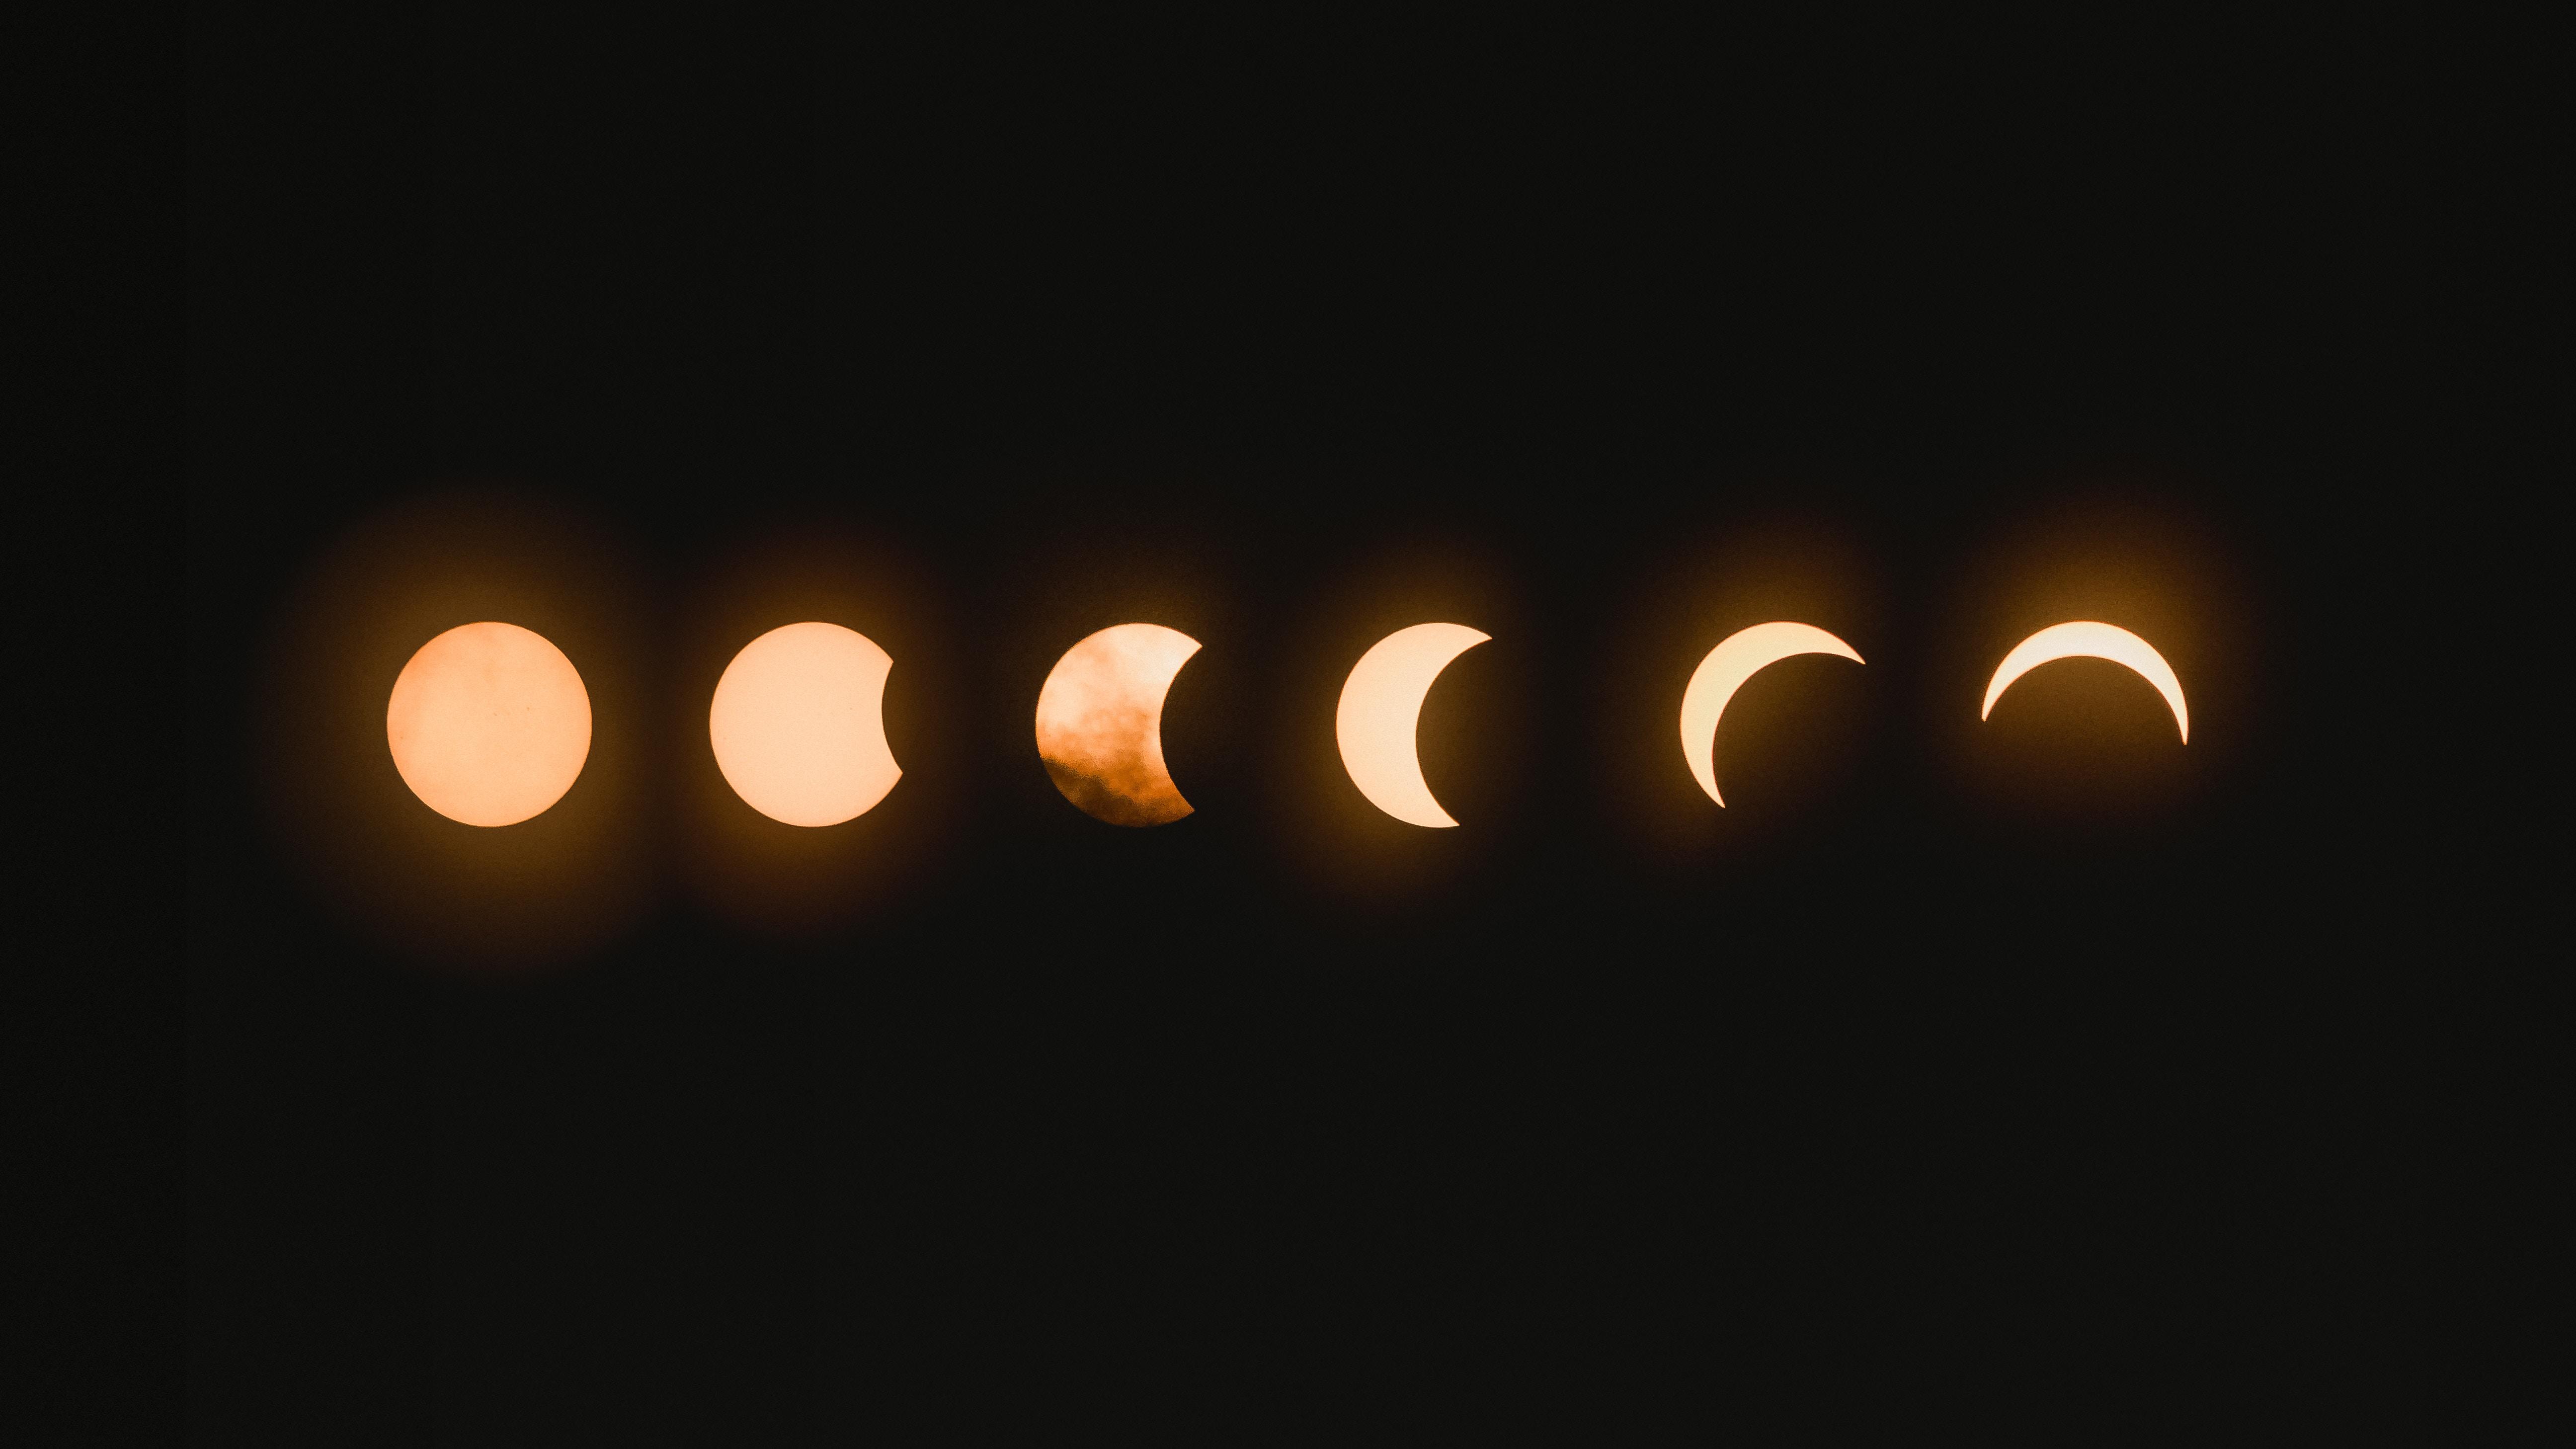 月 が 綺麗 です ね 返し まとめ